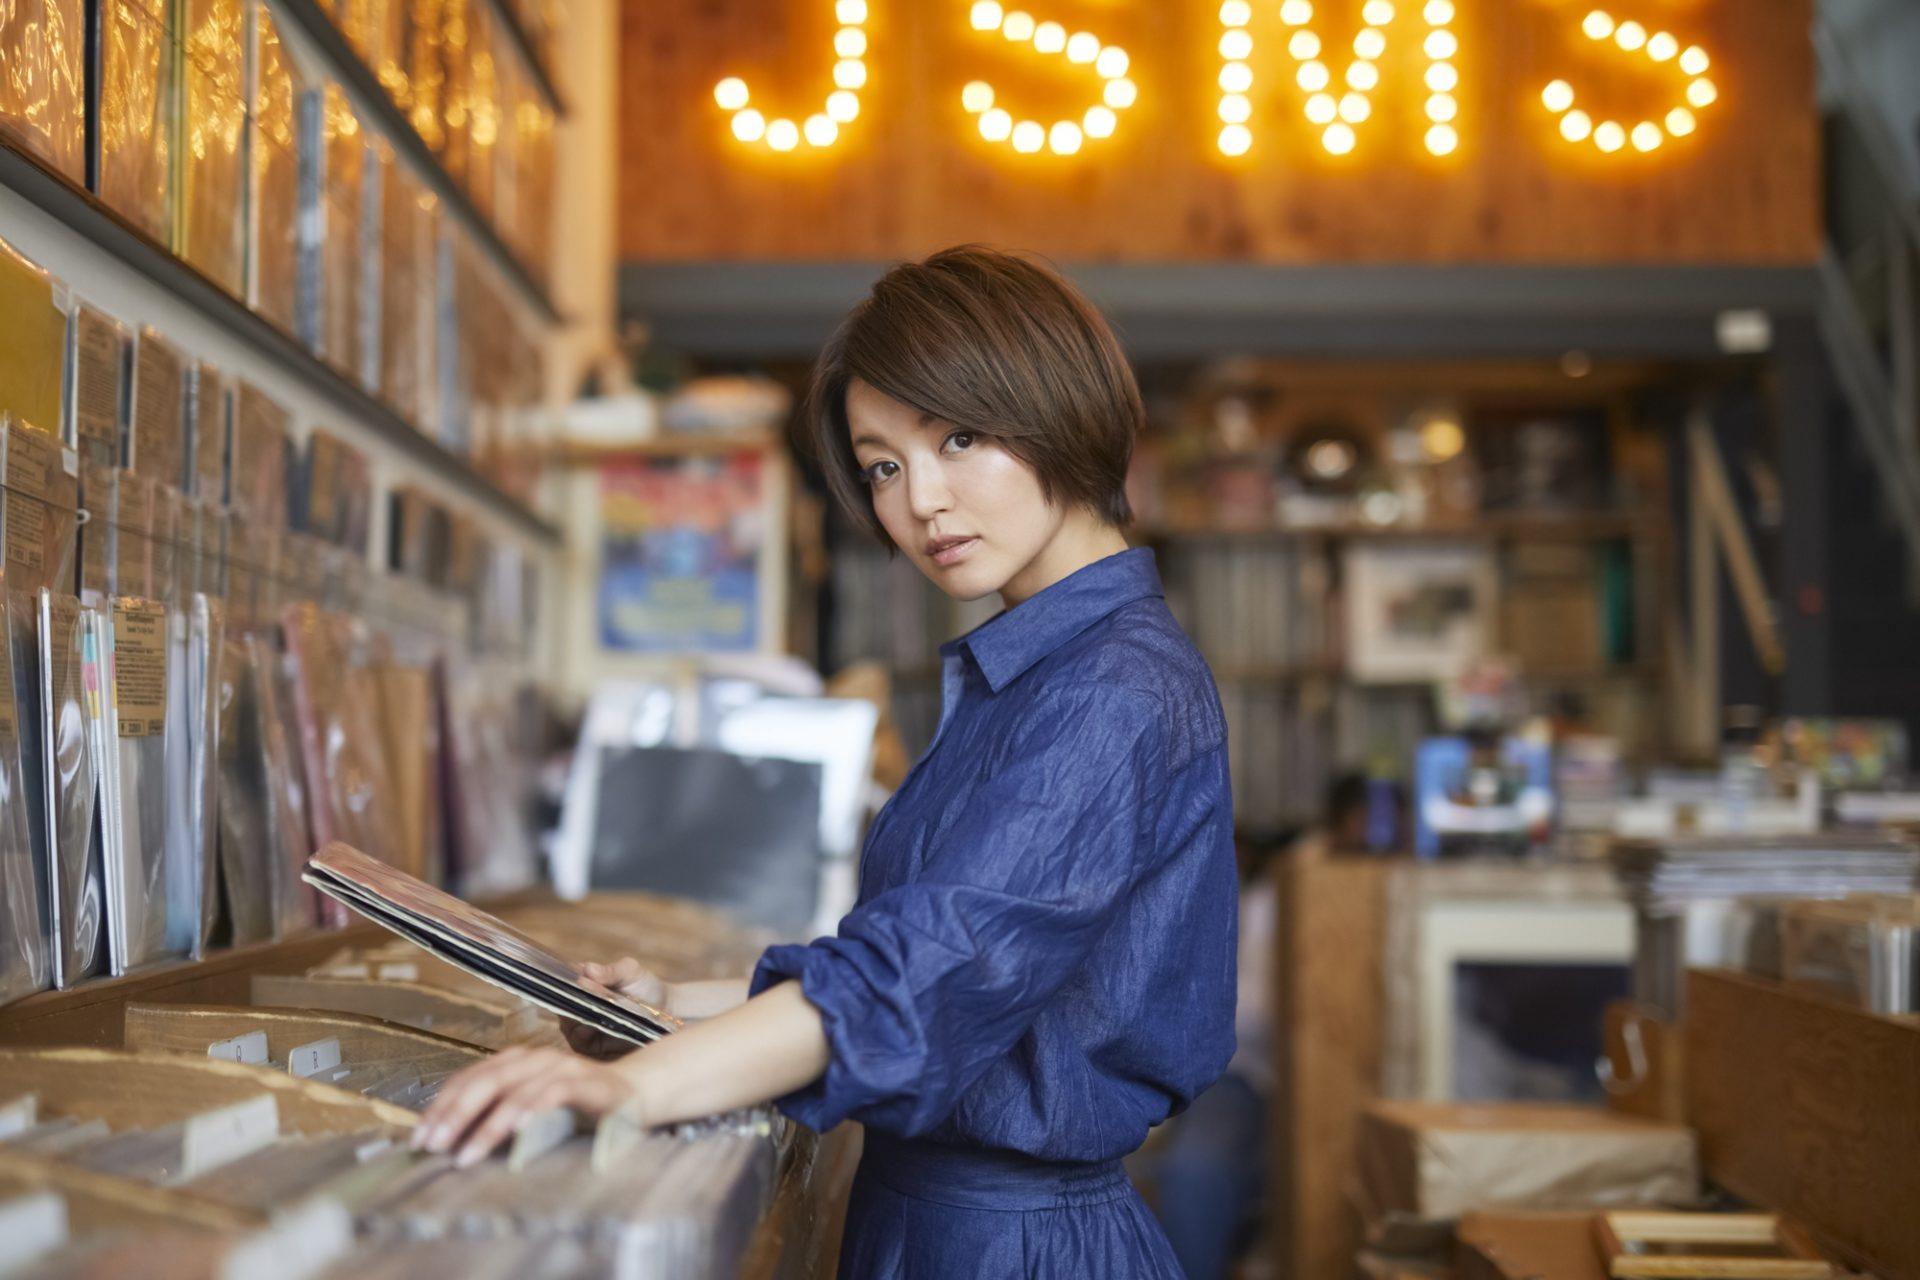 レコード・CDの買取販売を行うネットショップの現状